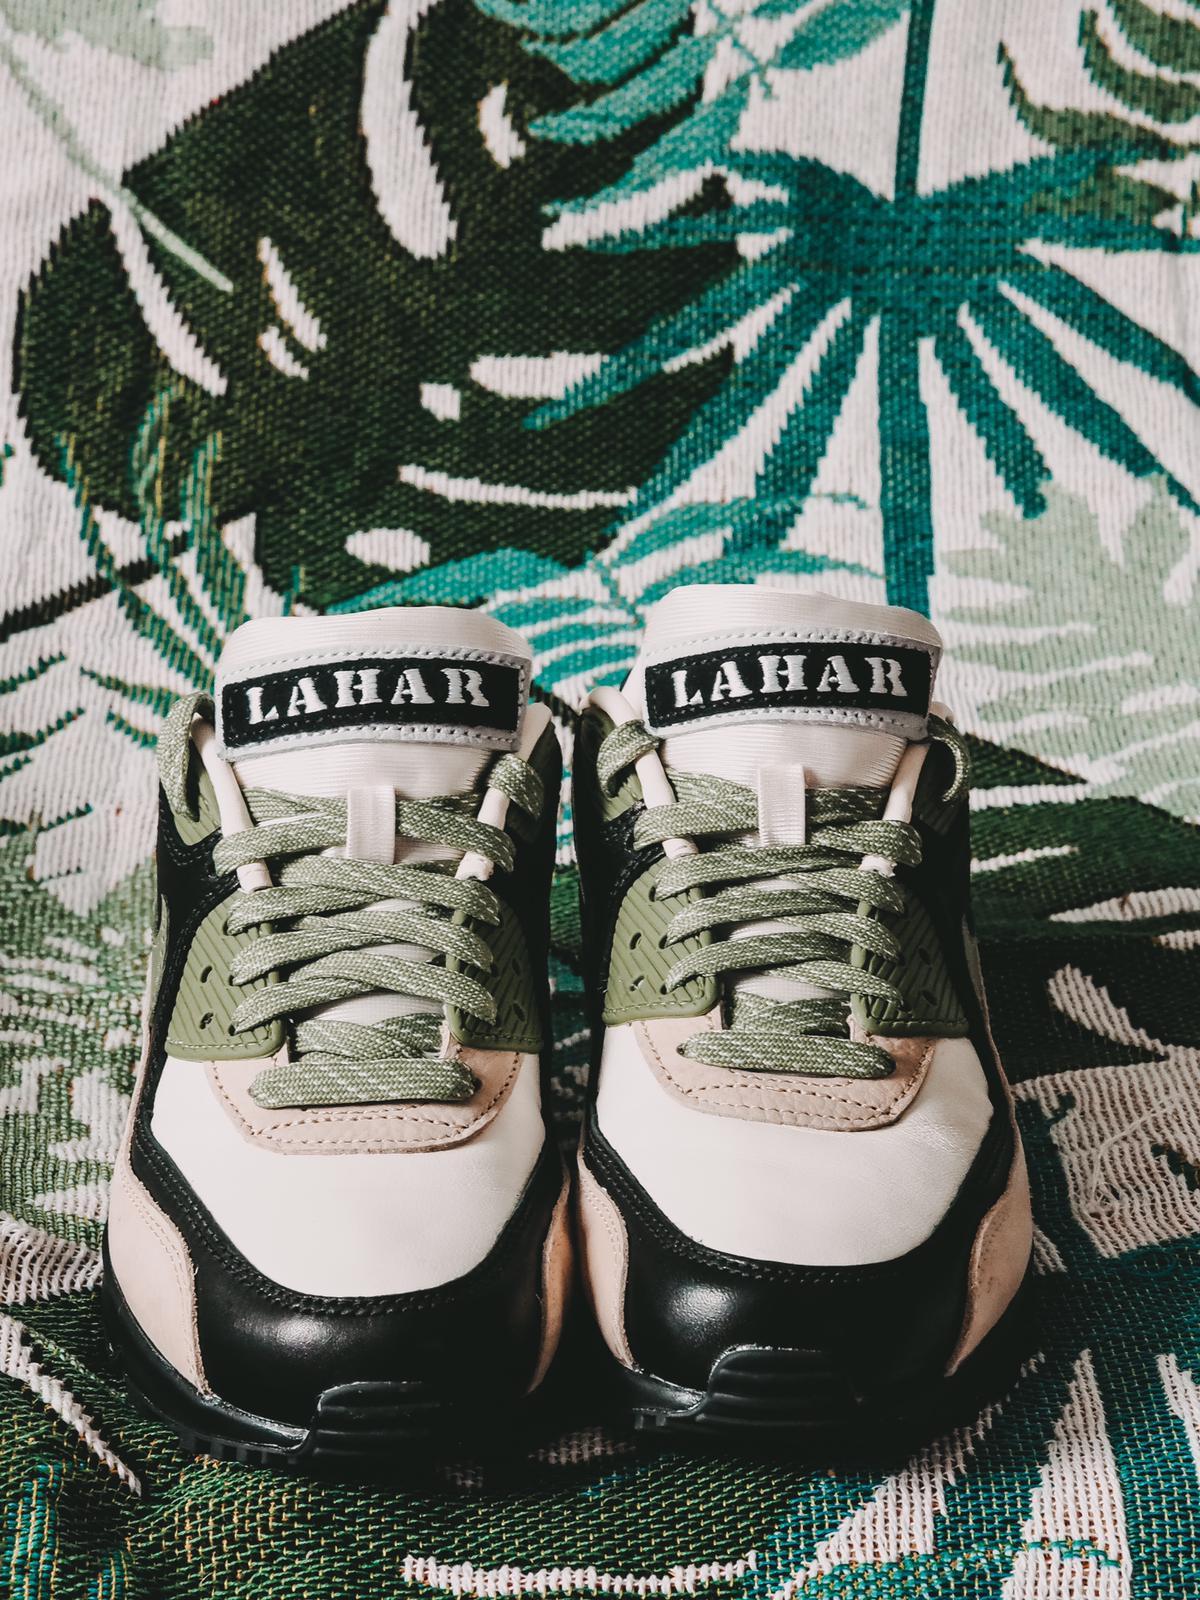 Der heiße LAHAR Tag ist ein Statement bei den neuen Nike Air Max 90 NRG Lahar Escape.